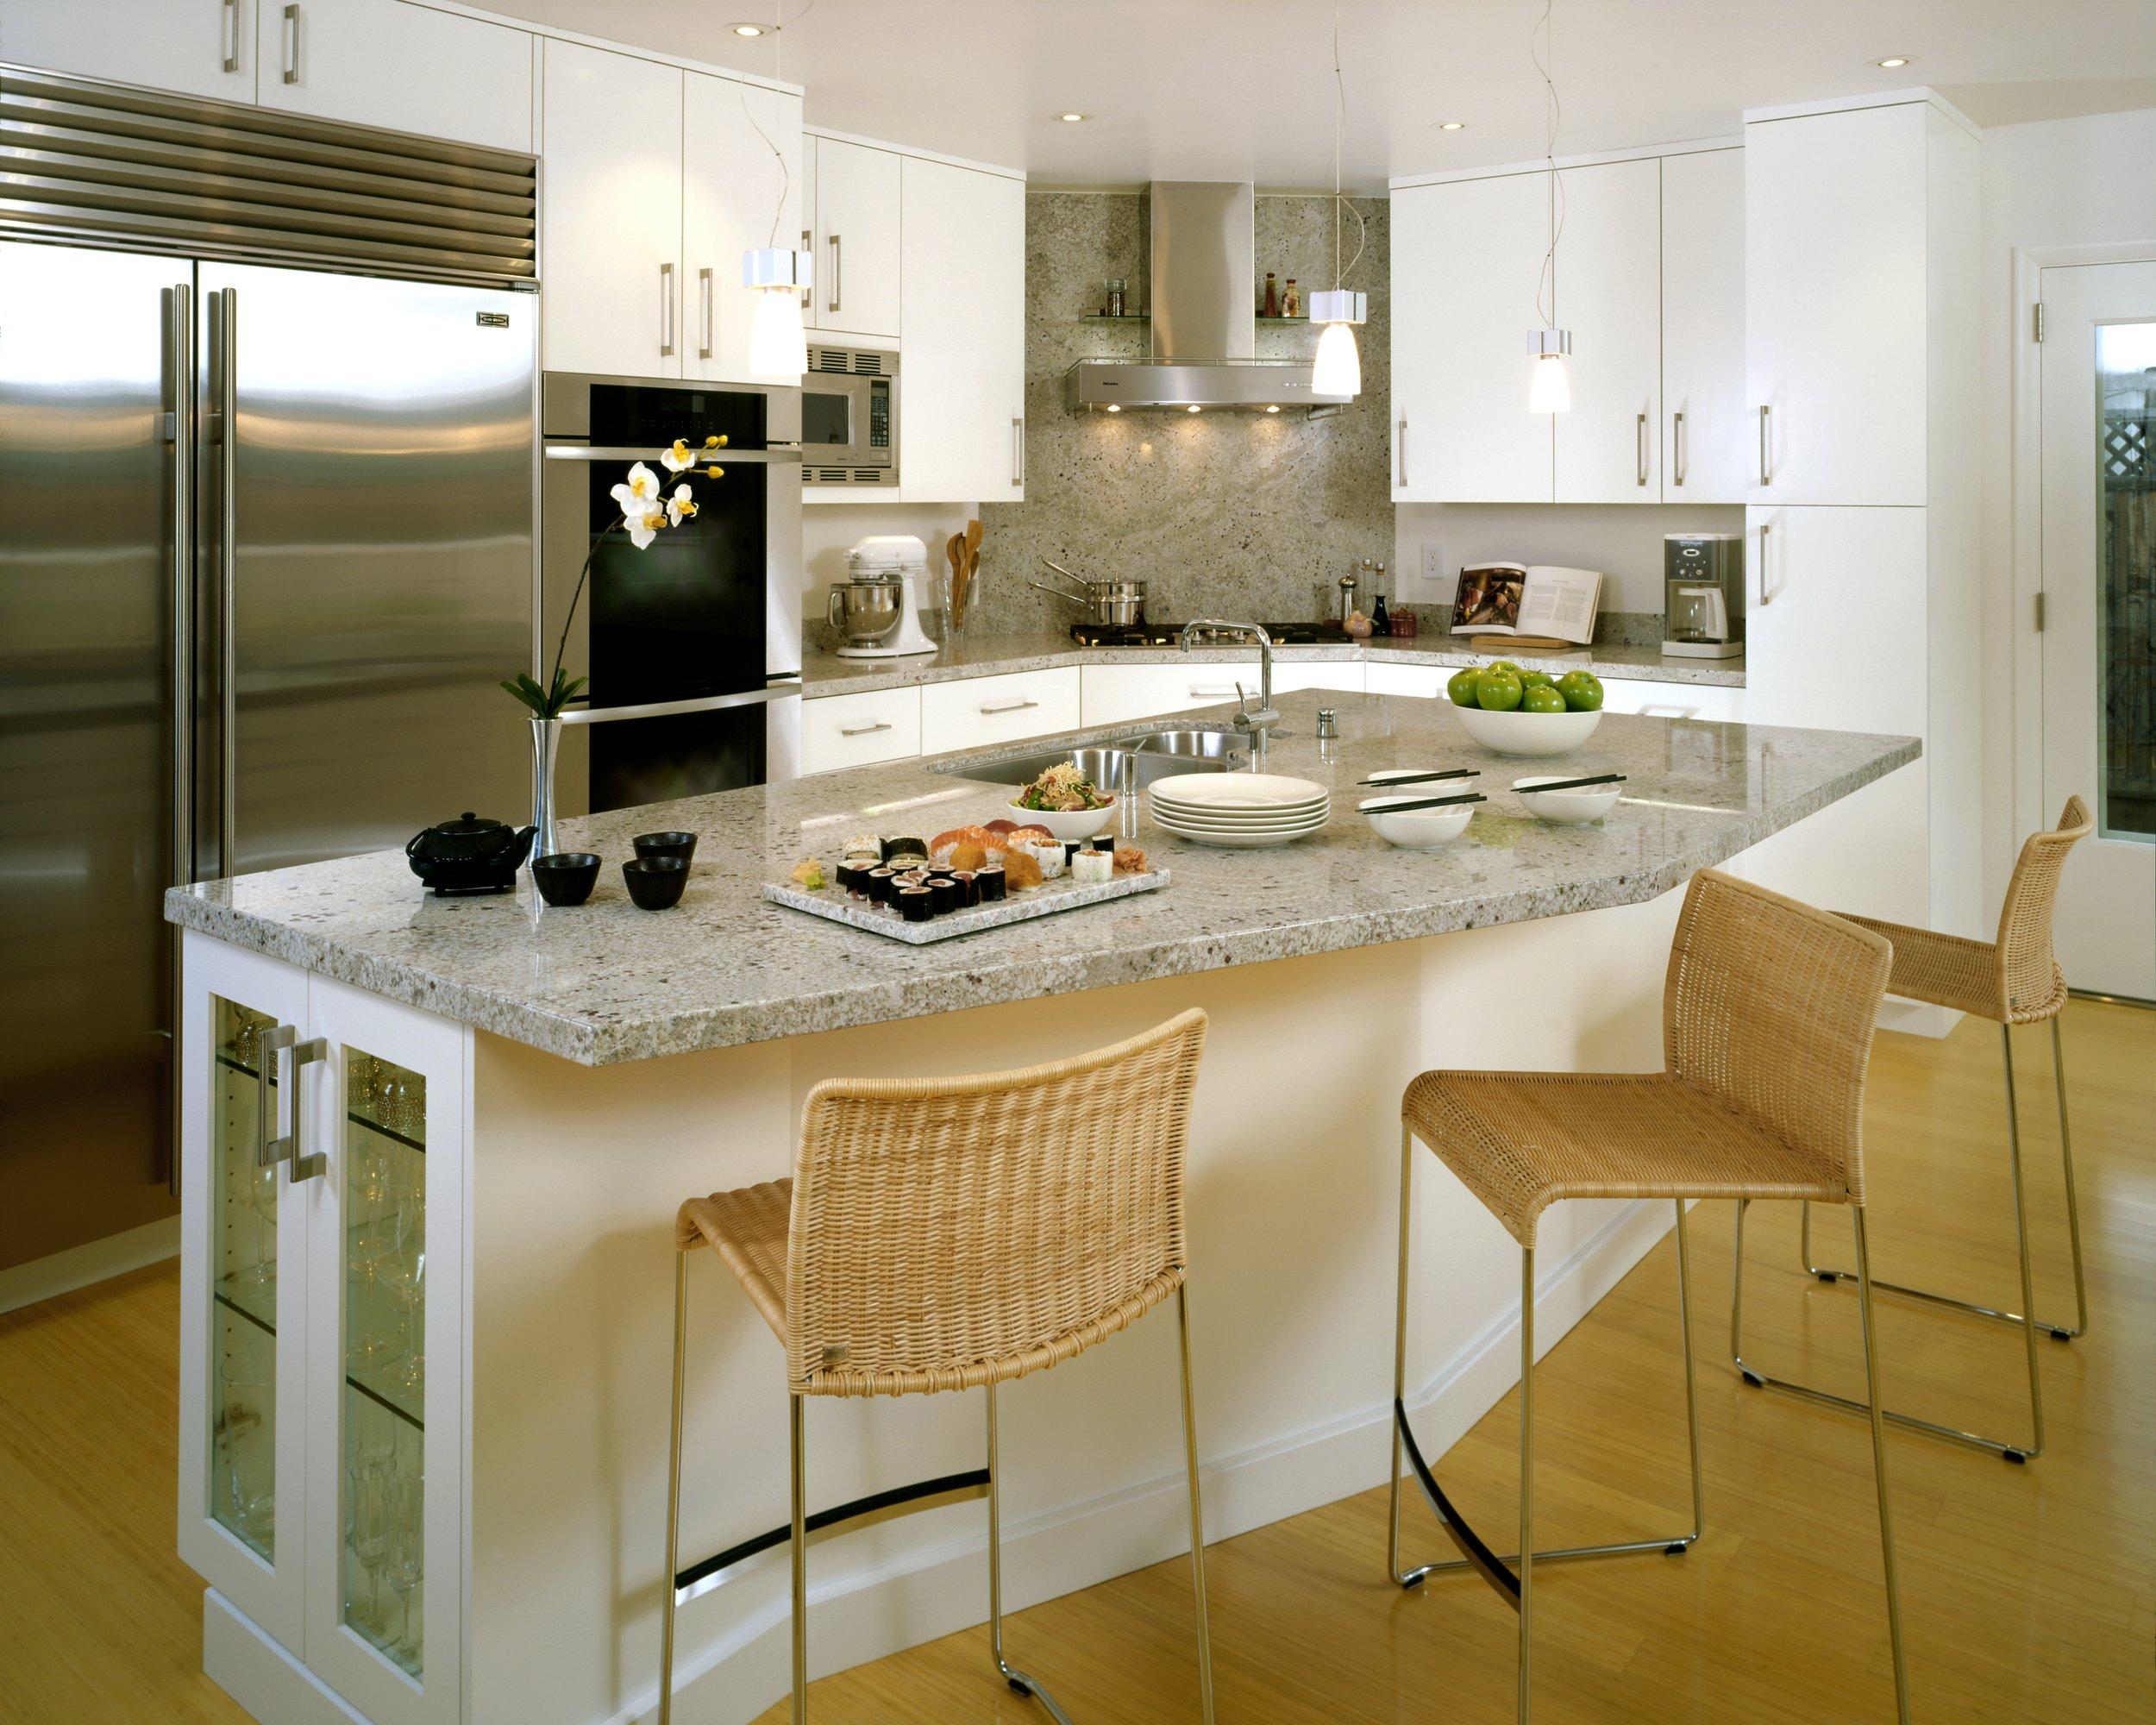 Hinrichs Kitchen jpeg.JPG